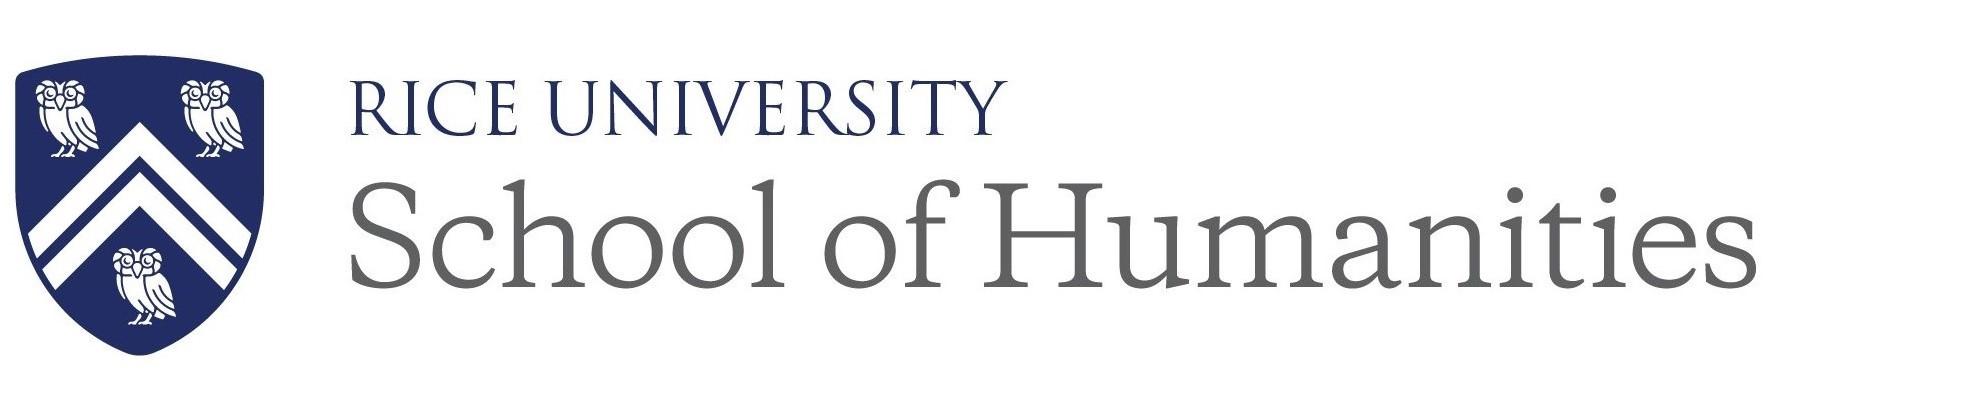 Rice University School of Humanities